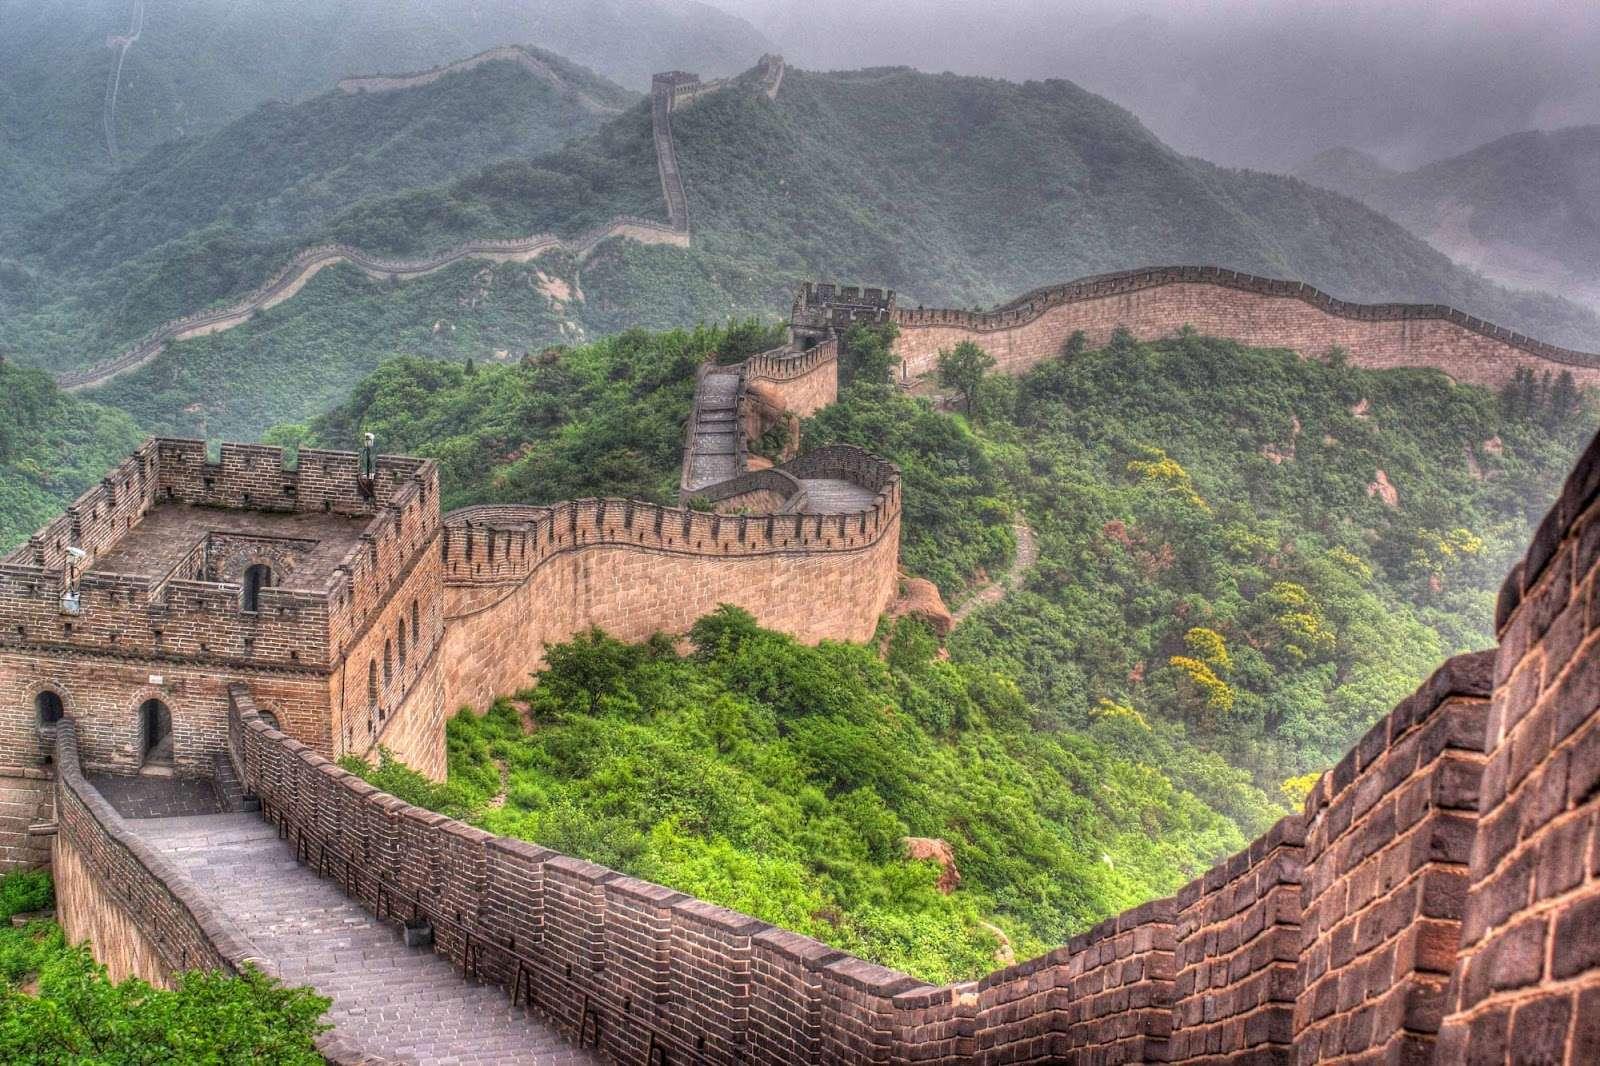 Vạn Lý Trường Thành với bức tường thành dài băng qua các ngọn núi xanh trải dài vô tận